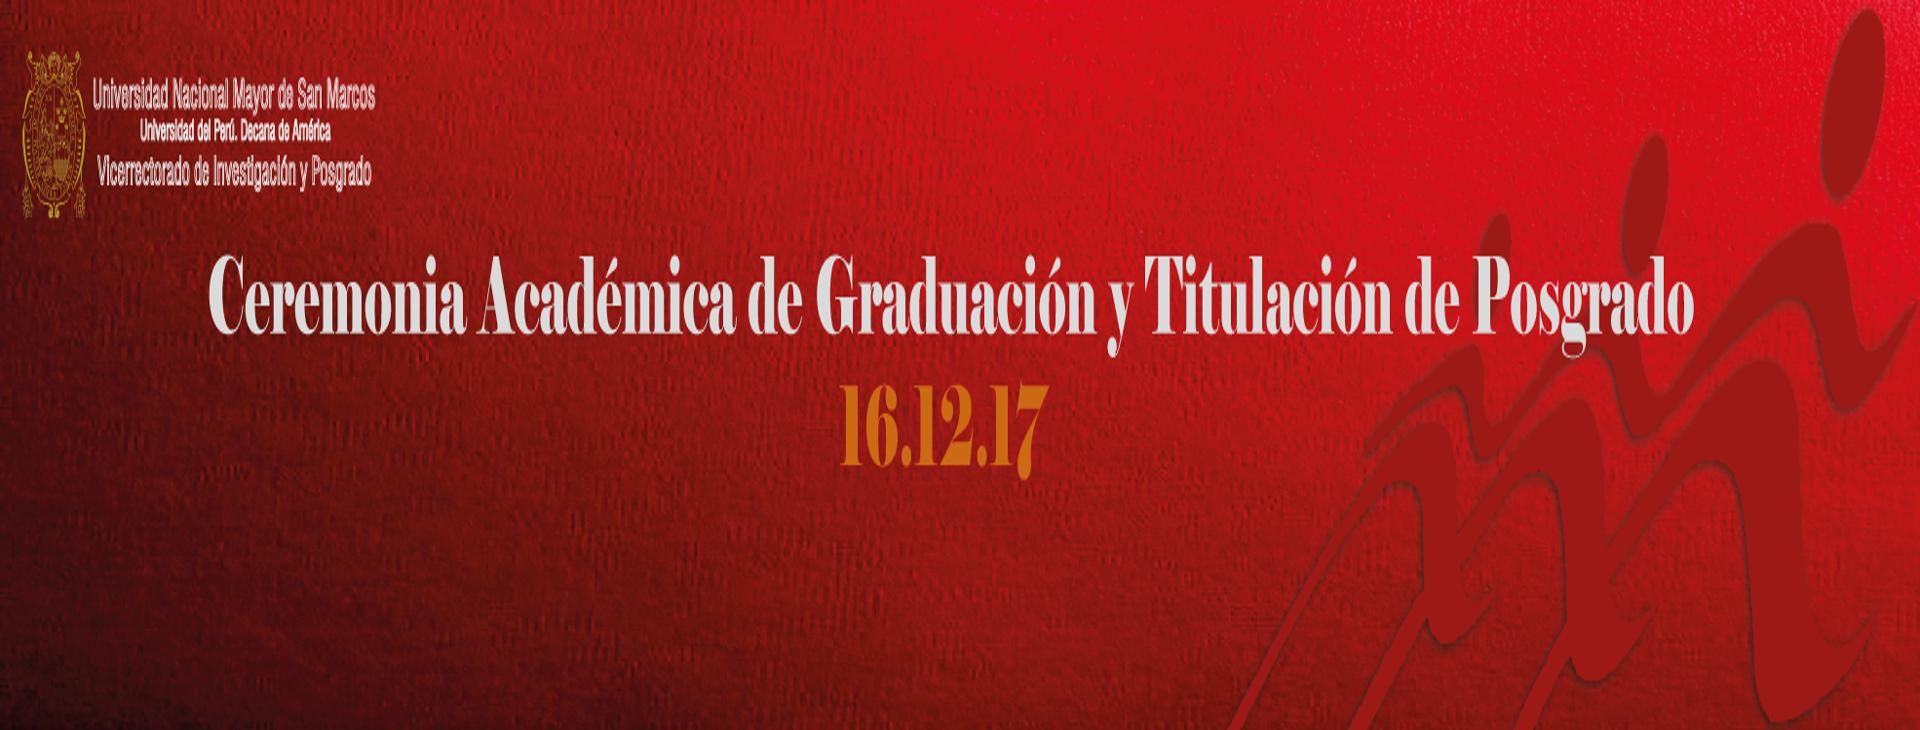 Ceremonia de Graduación Posgrado